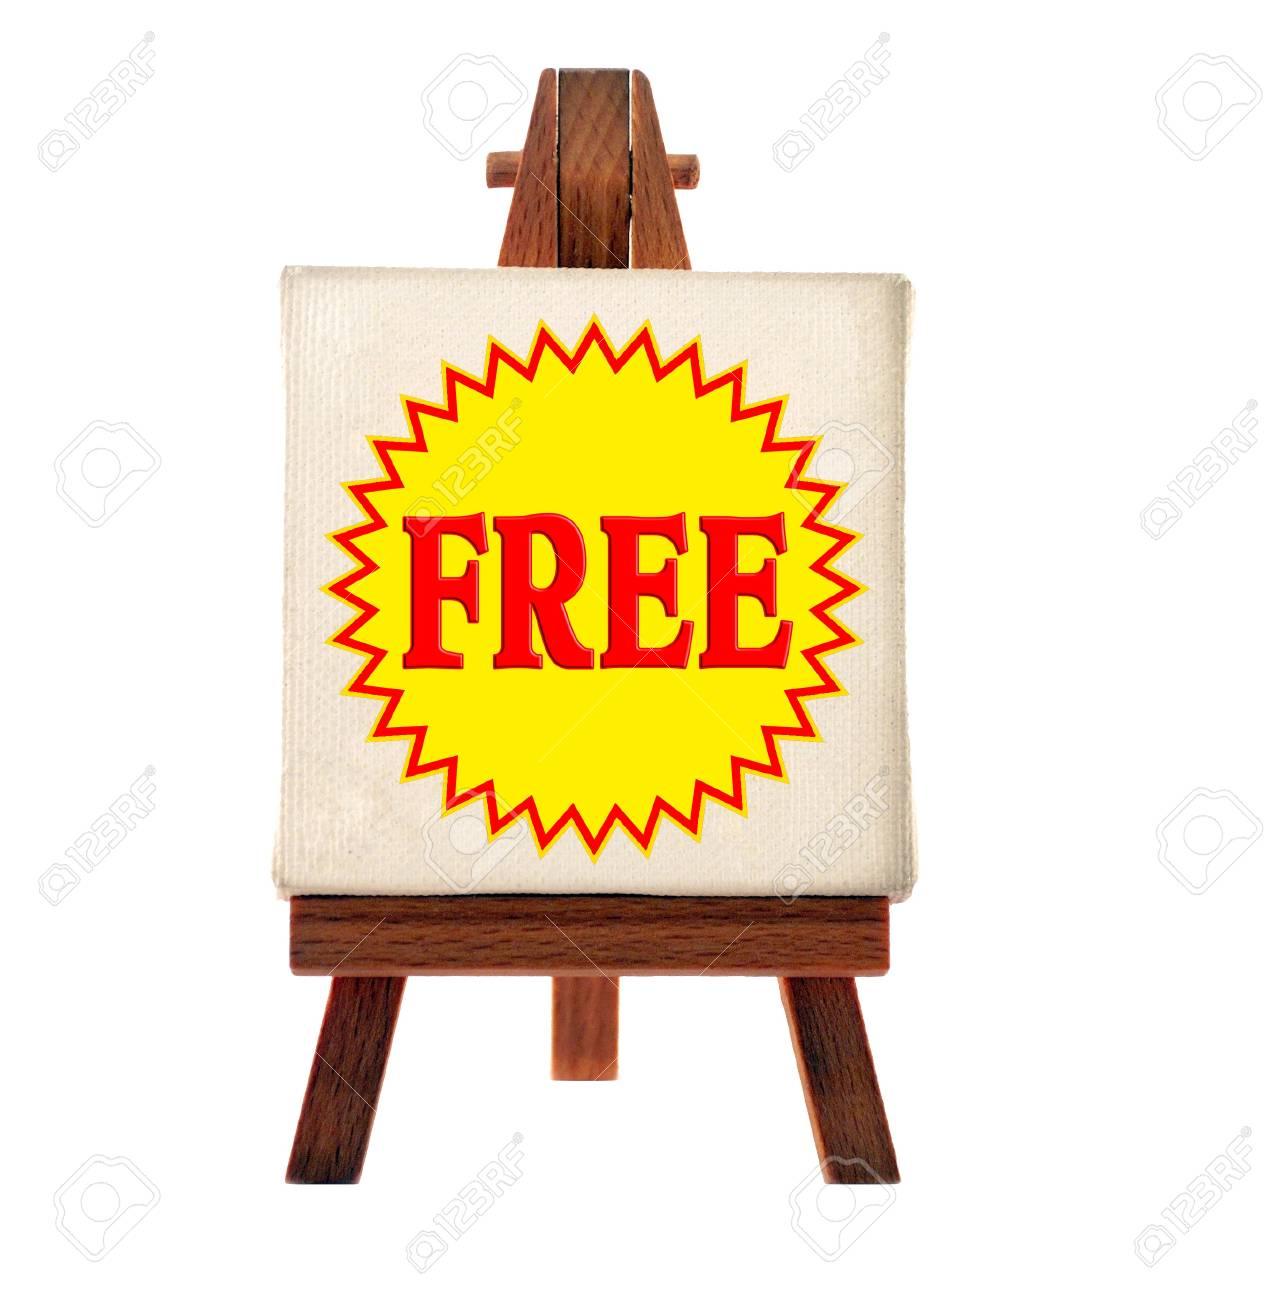 free board Stock Photo - 9269639